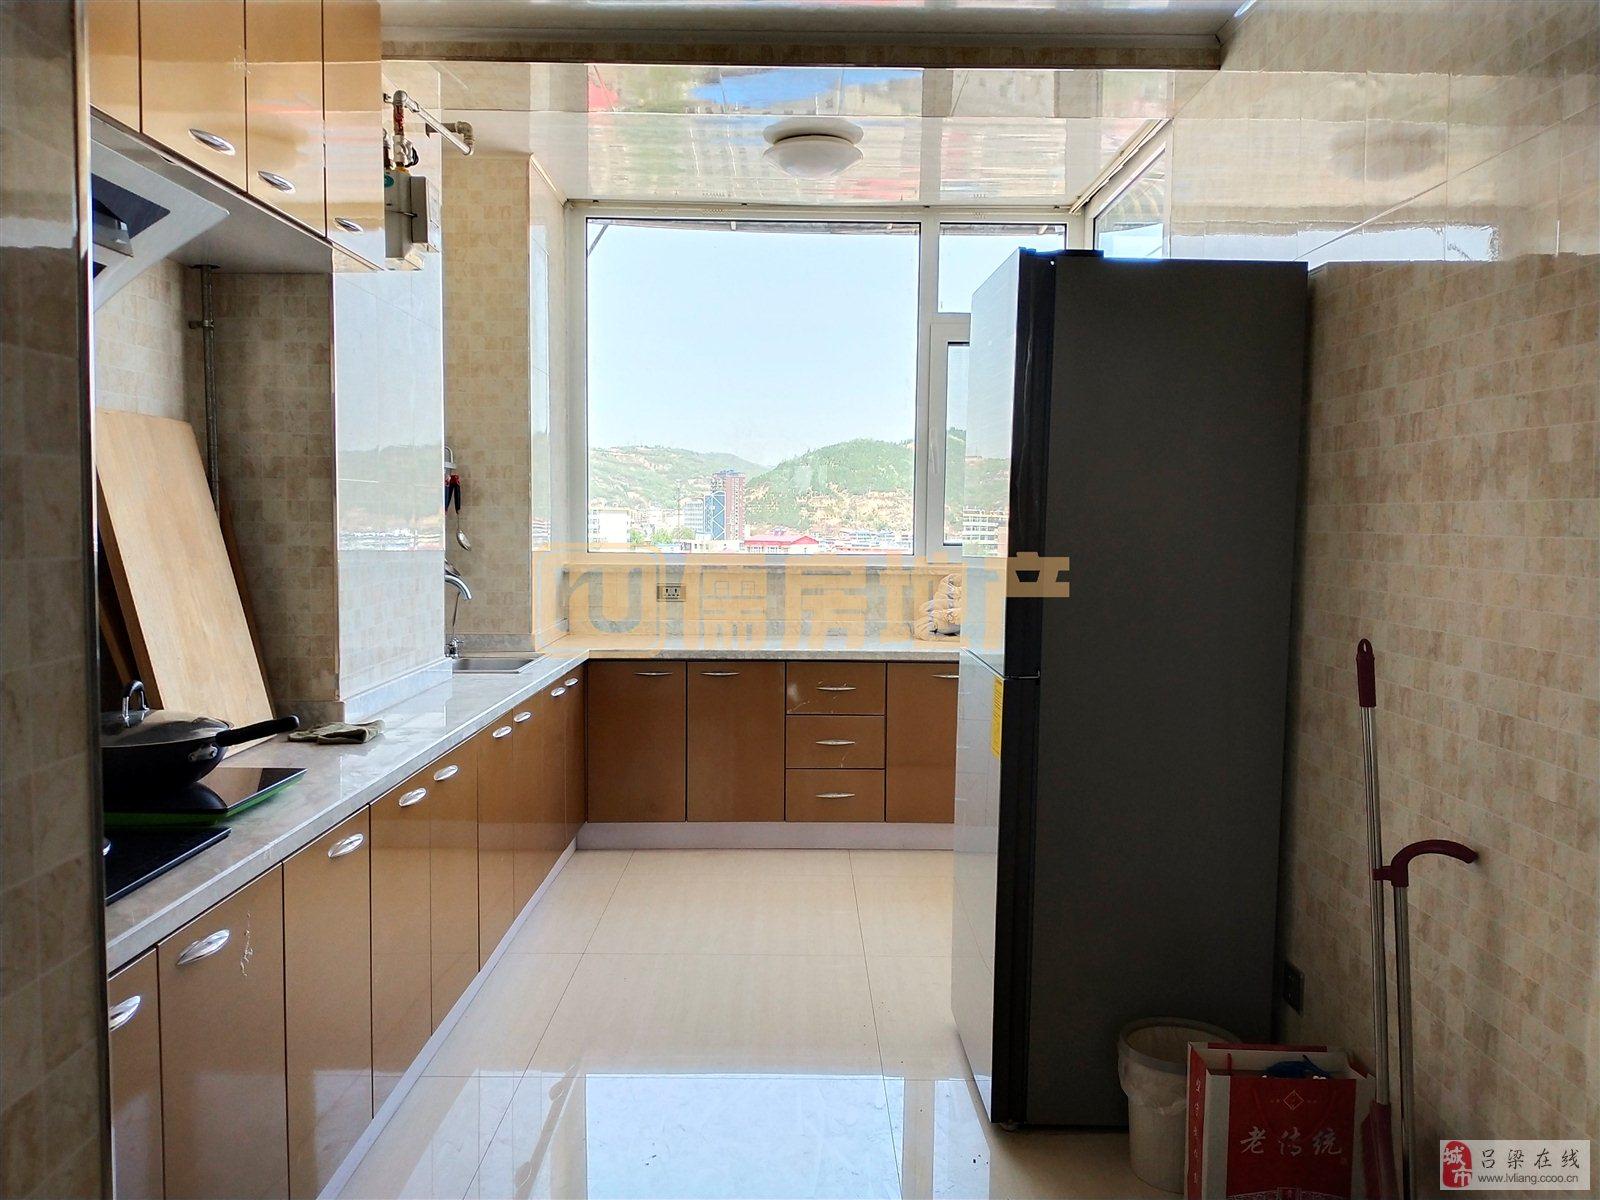 龙凤新城3室2厅1卫67万元